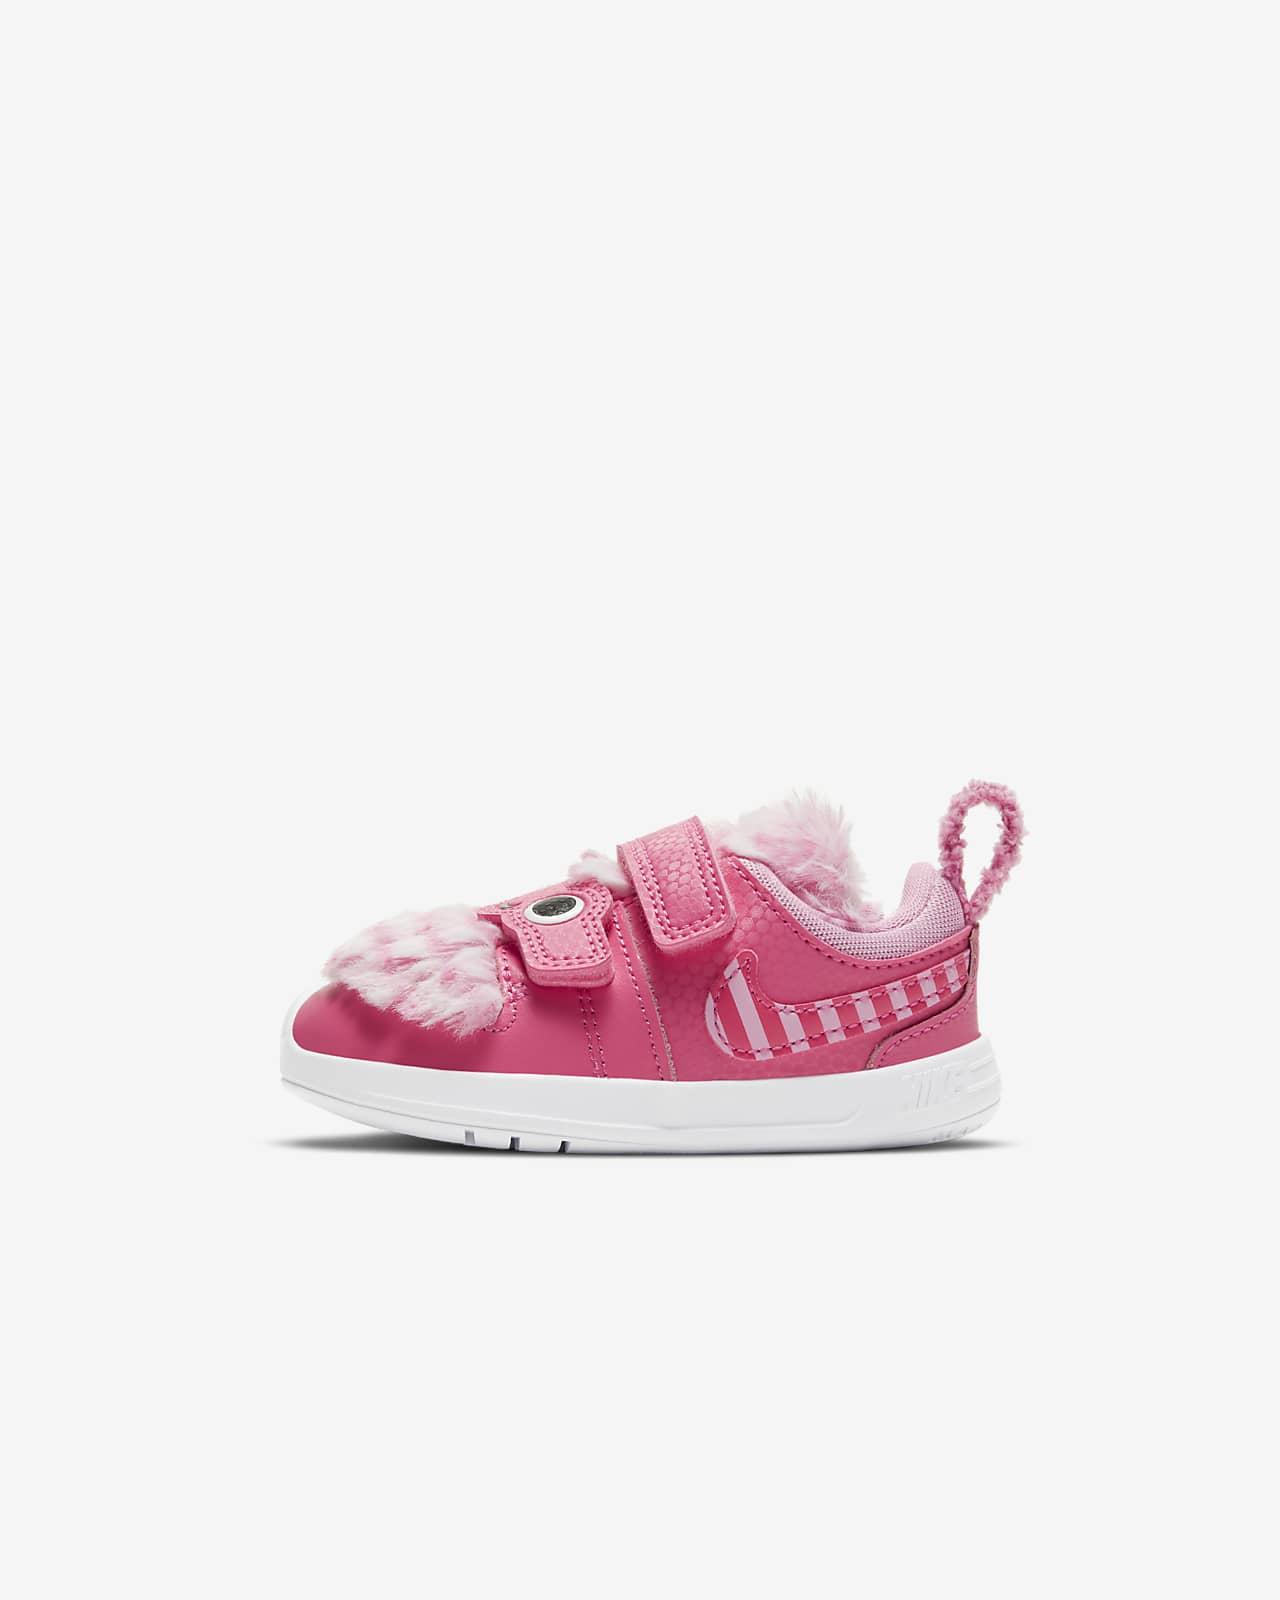 Nike Pico 5 Lil (TDV) 婴童运动童鞋